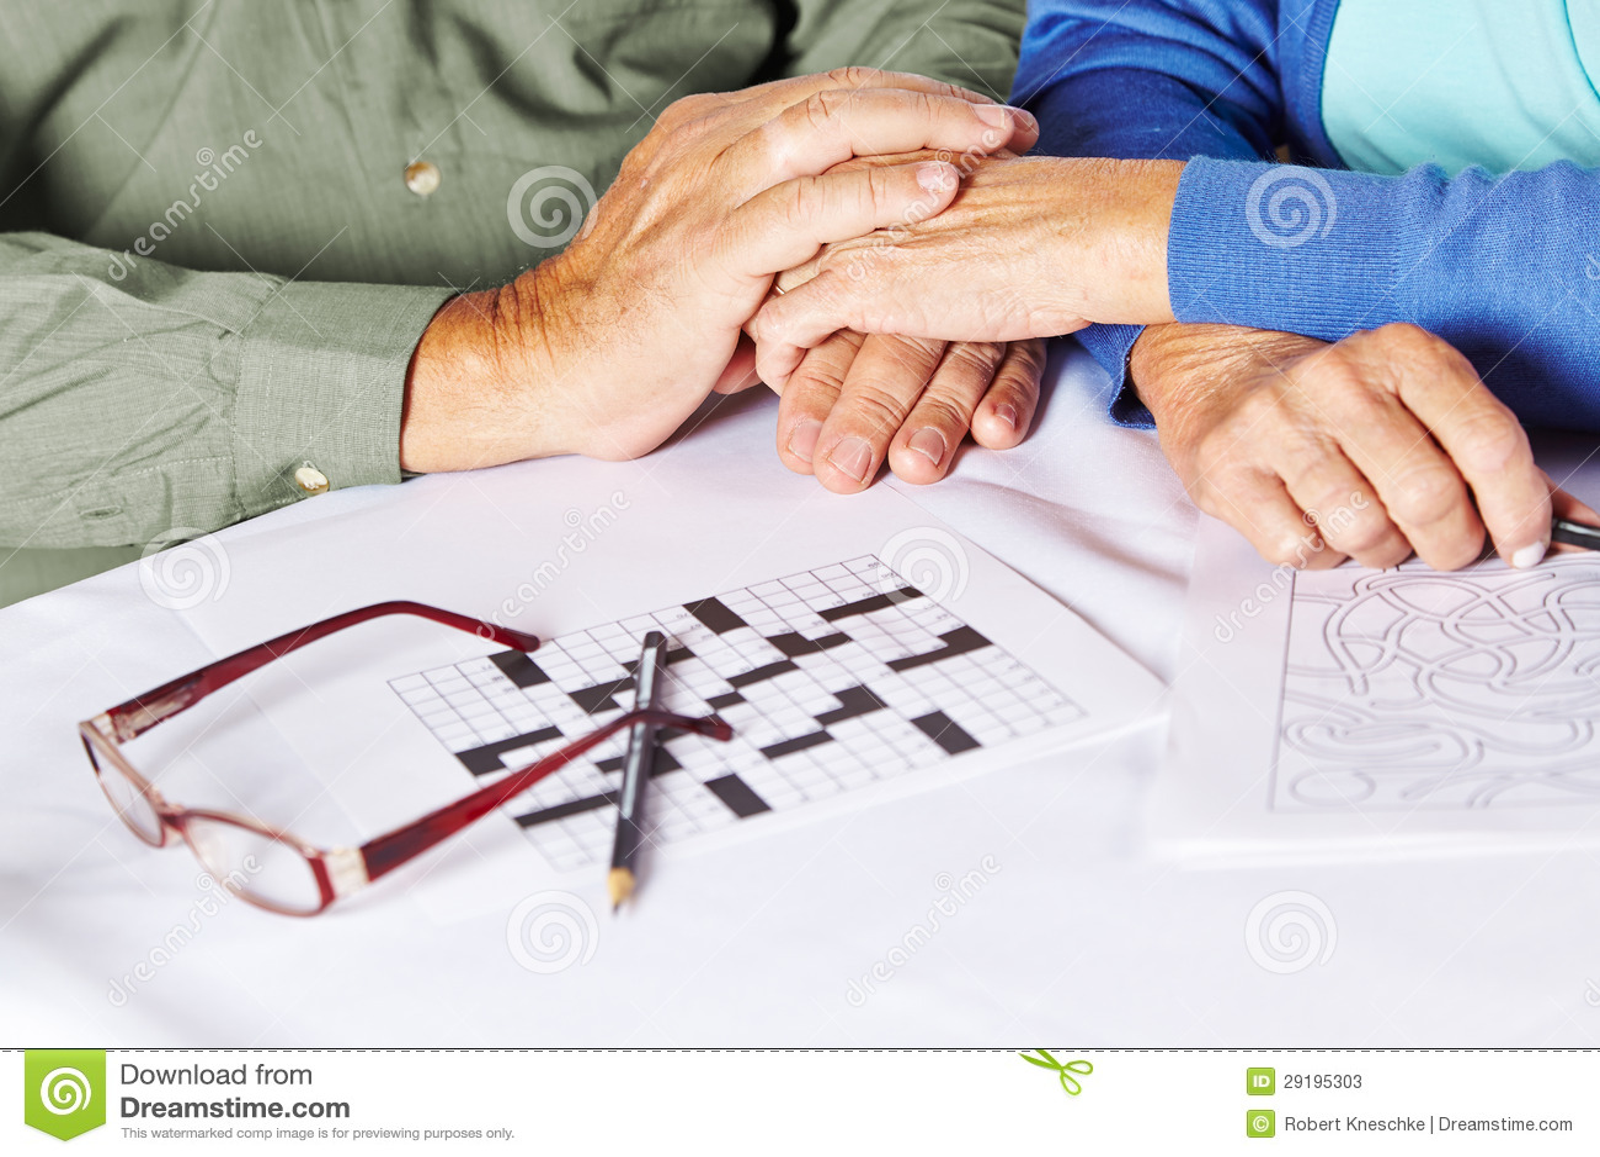 Seniors holding hands in nursing